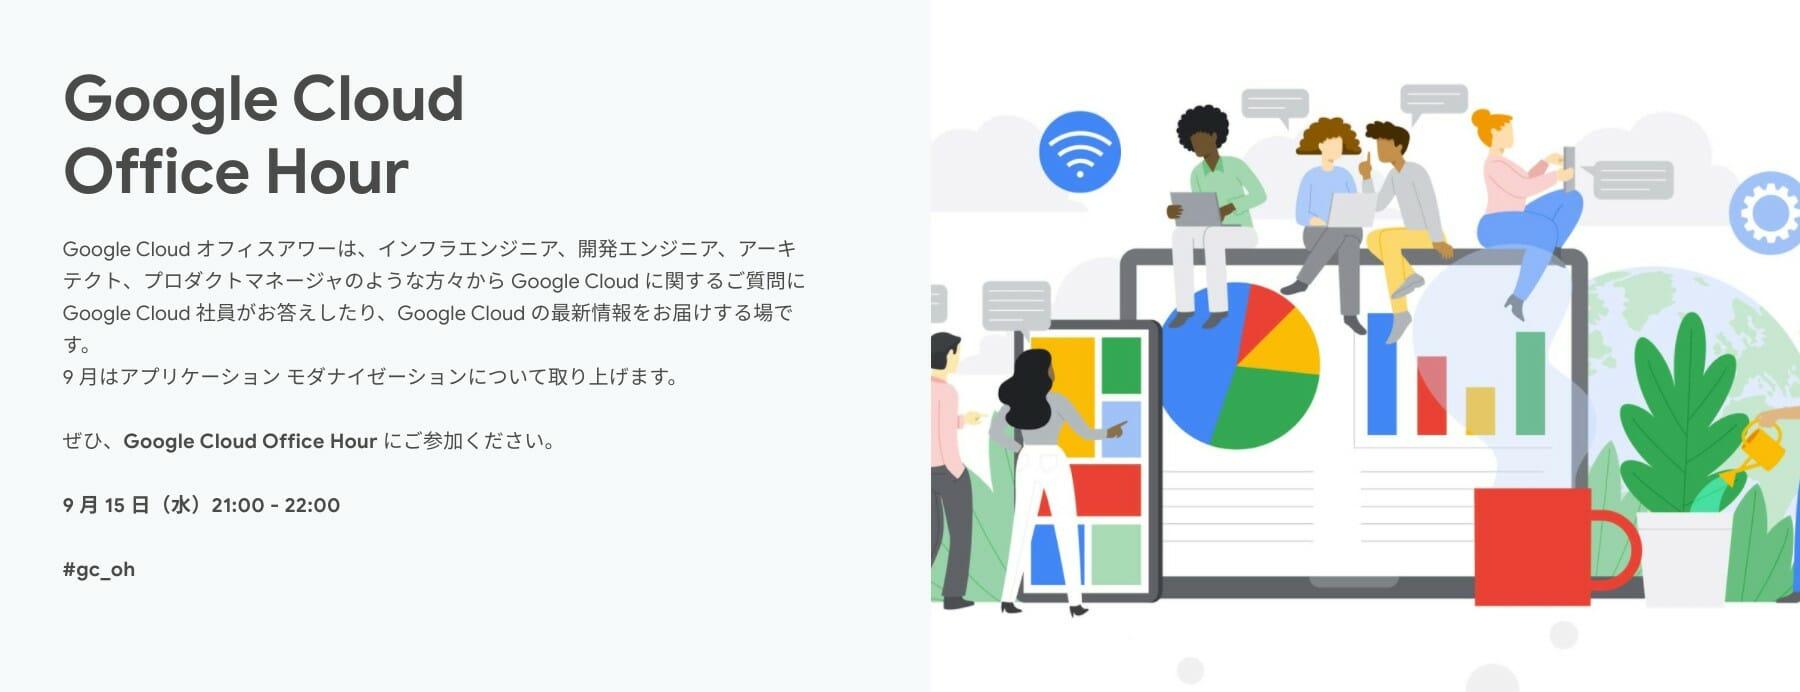 [GCP] Google Cloud Office Hour